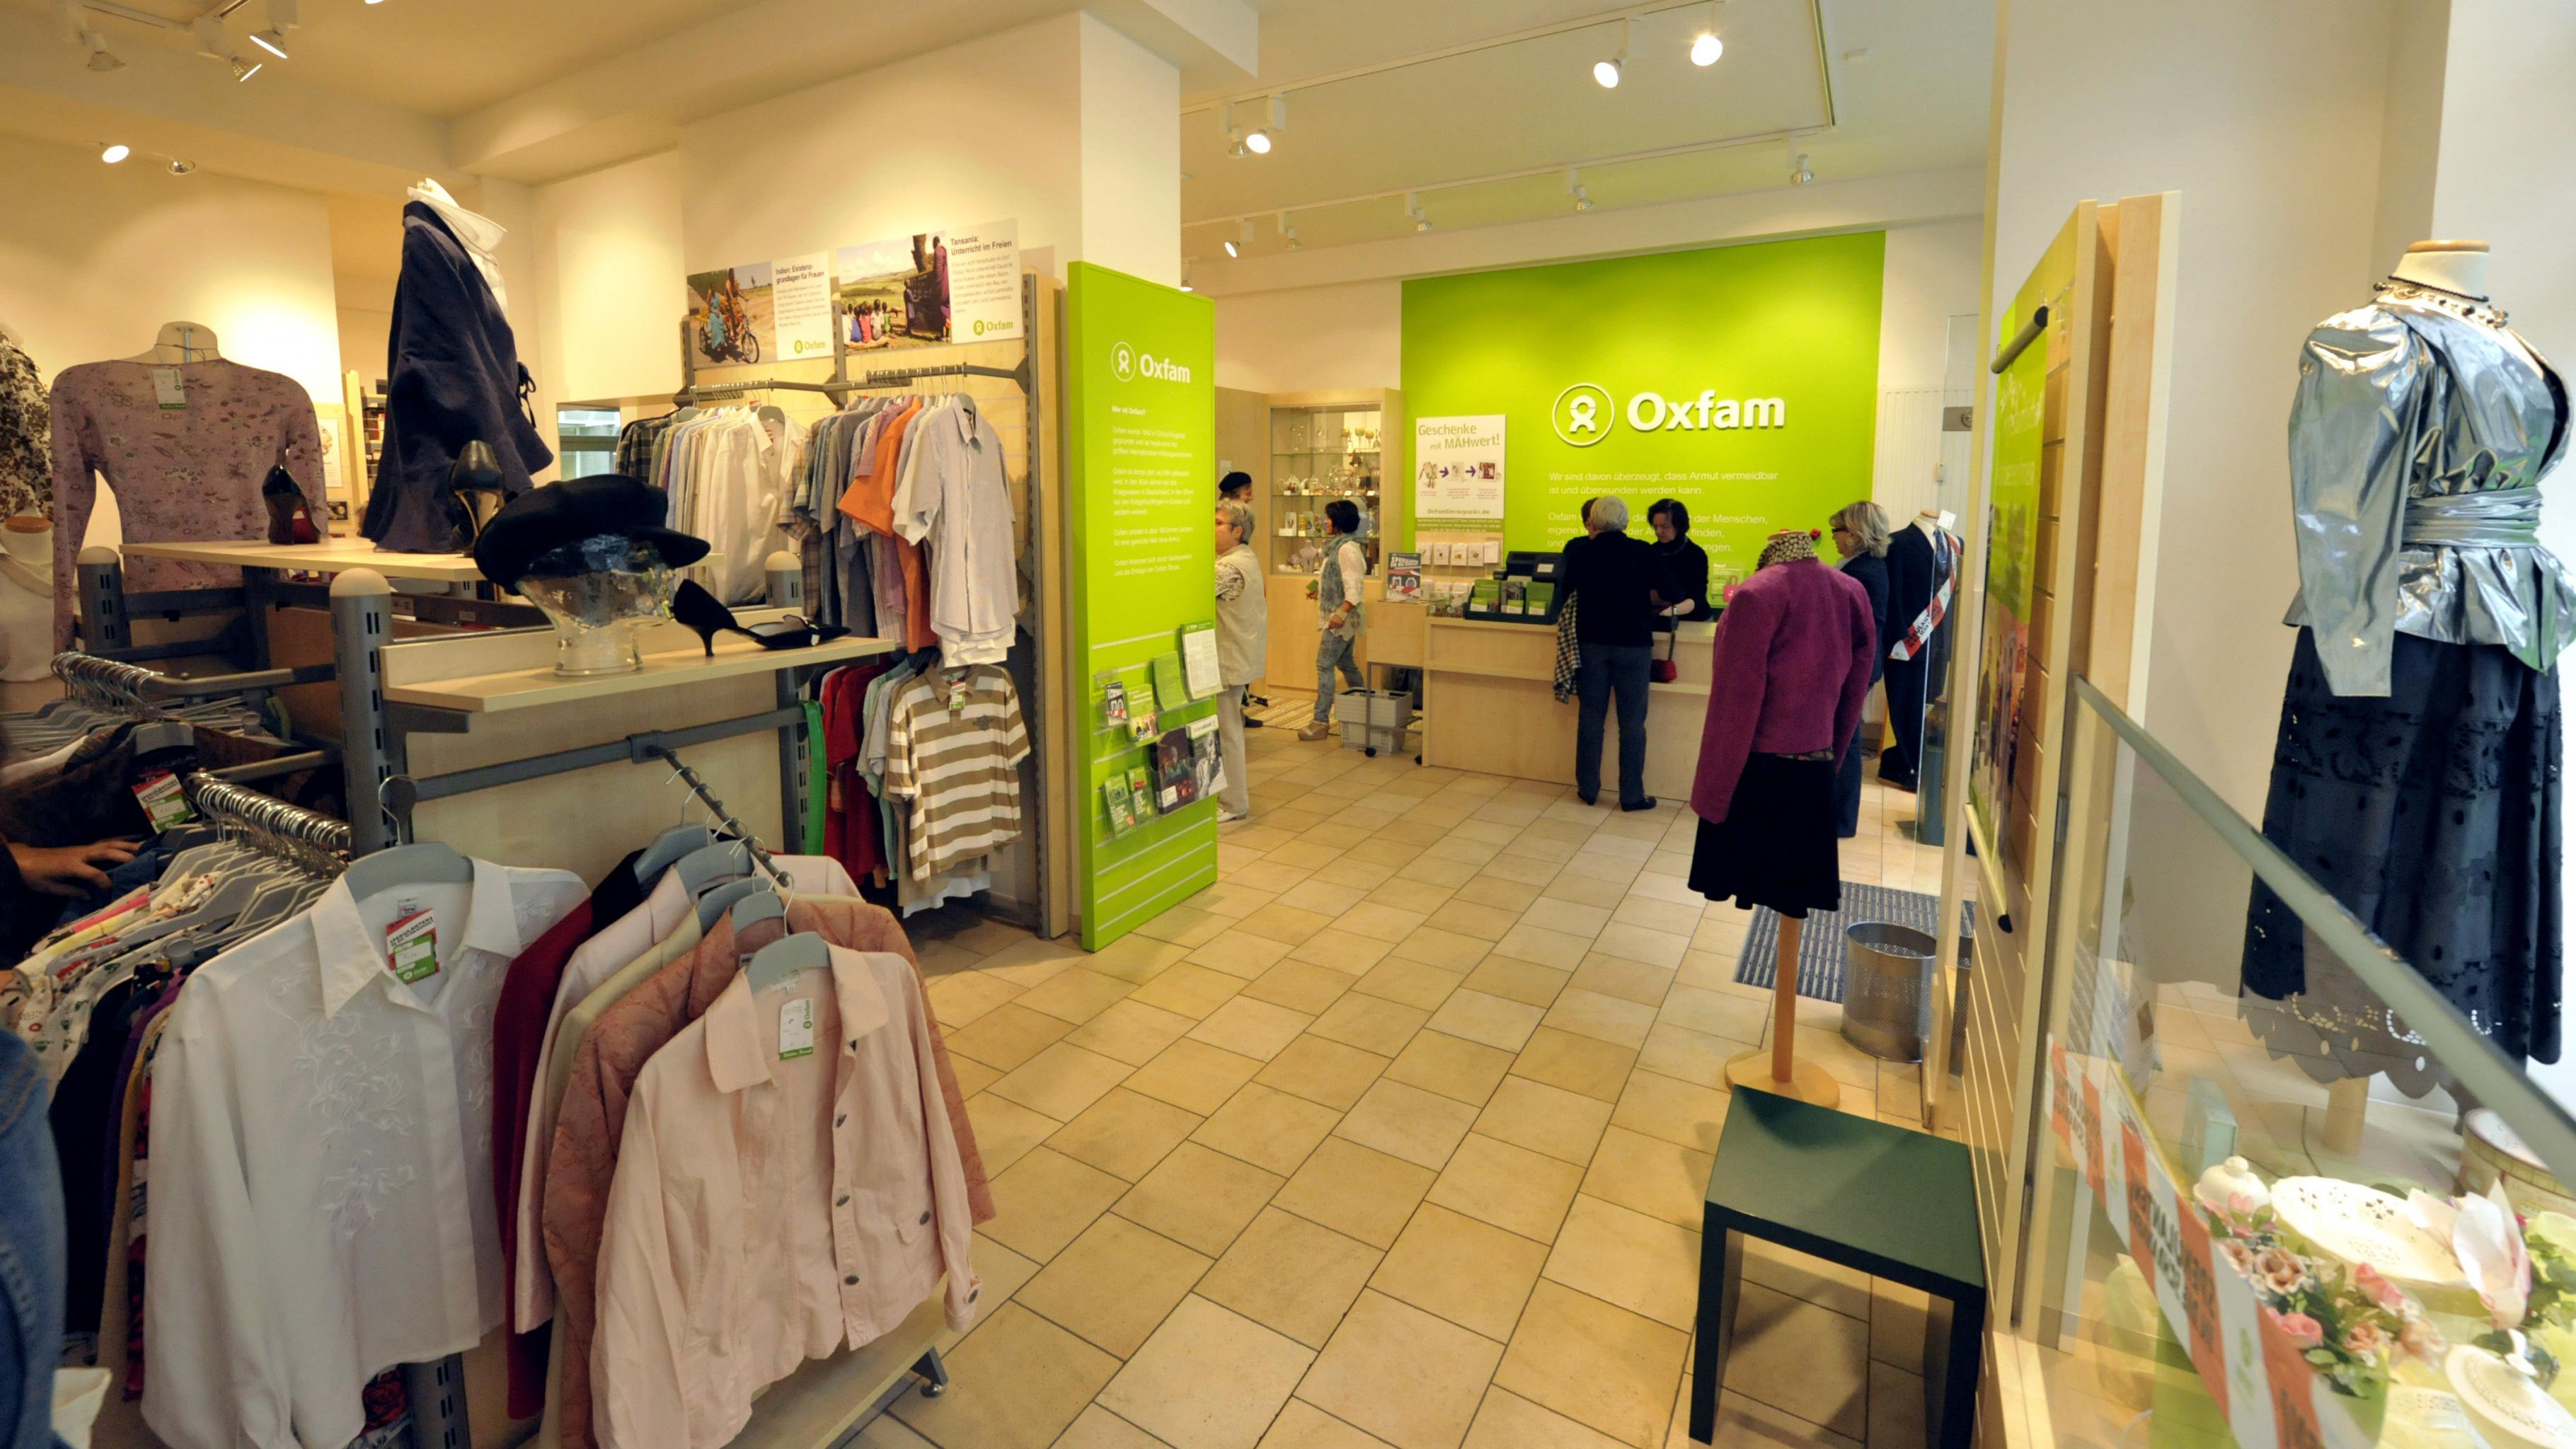 Oxfam Shop Regensburg - Fashion